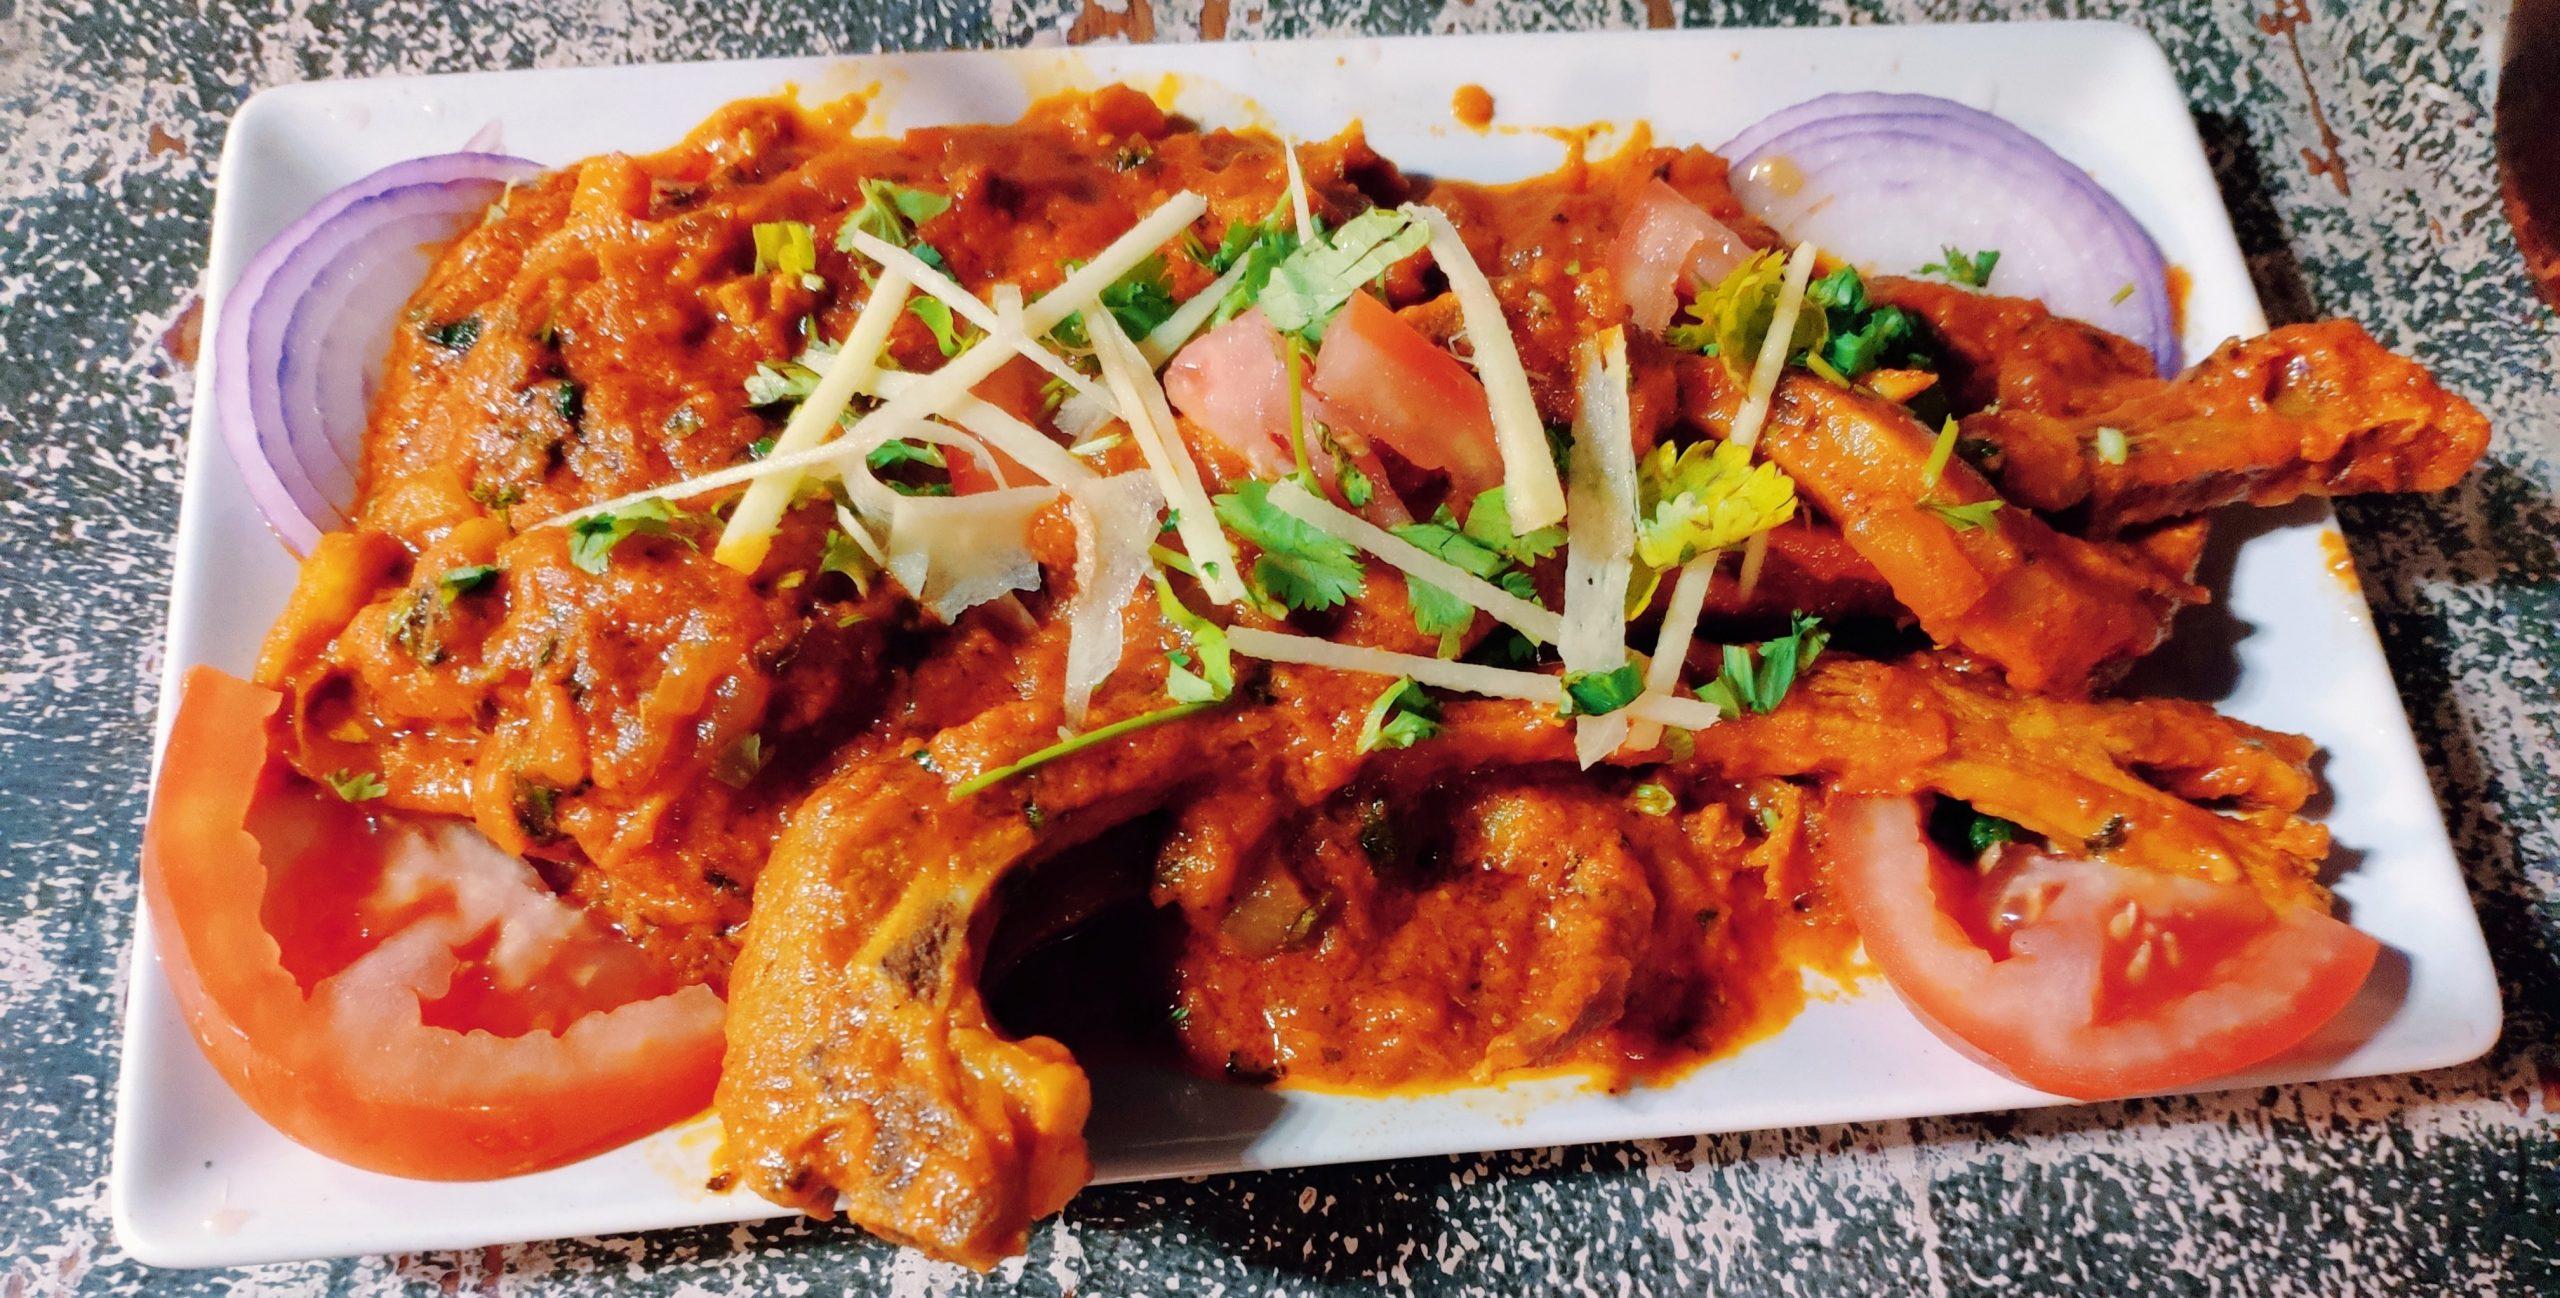 Prueba los sabores exóticos de la India a un precio económico